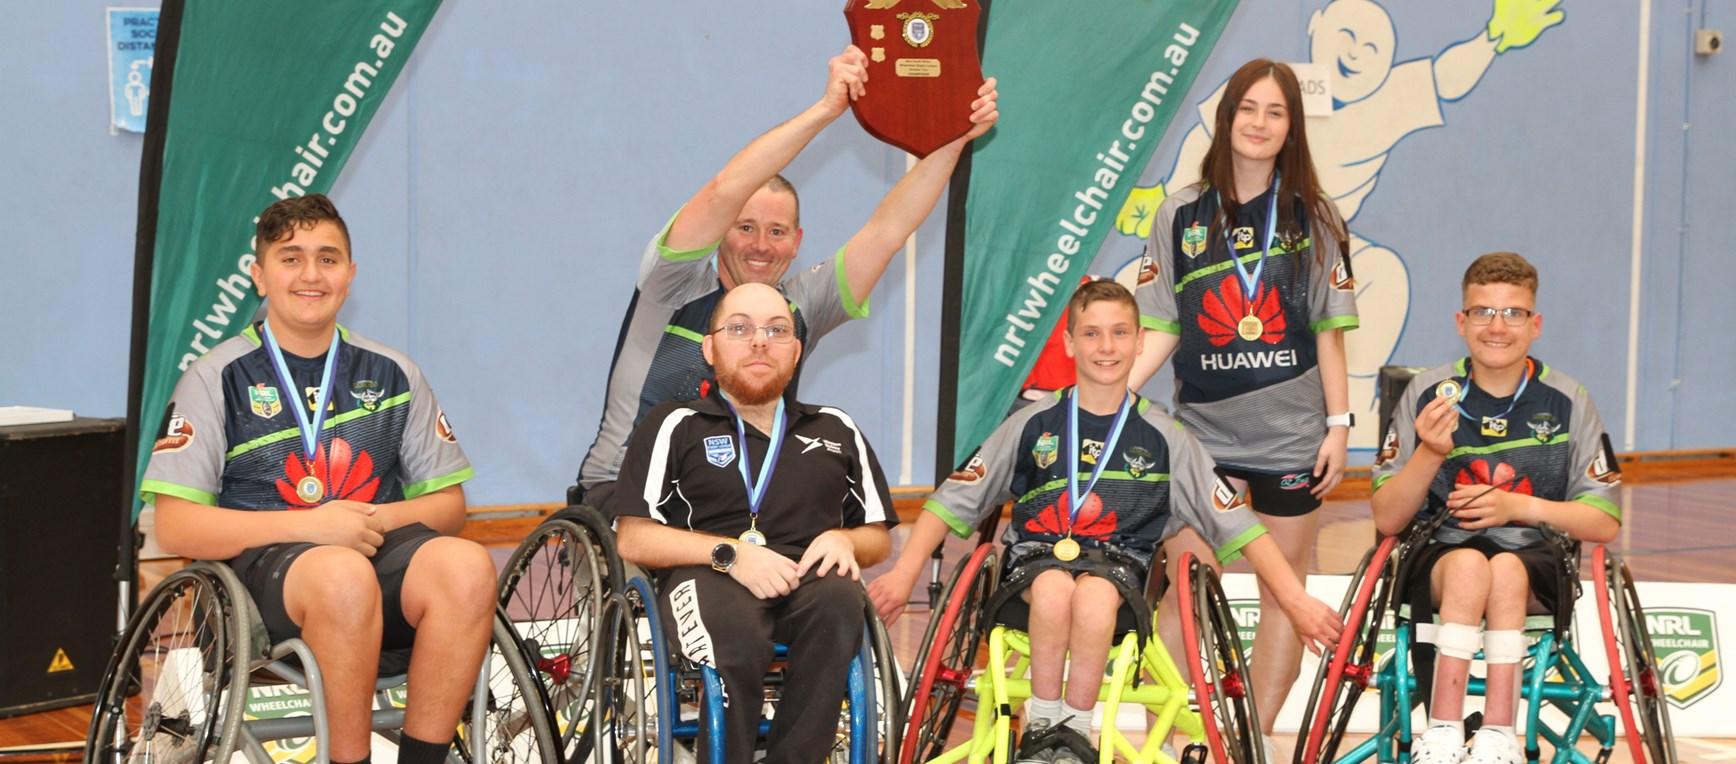 Raiders win Wheelchair Rugby League Plate Final